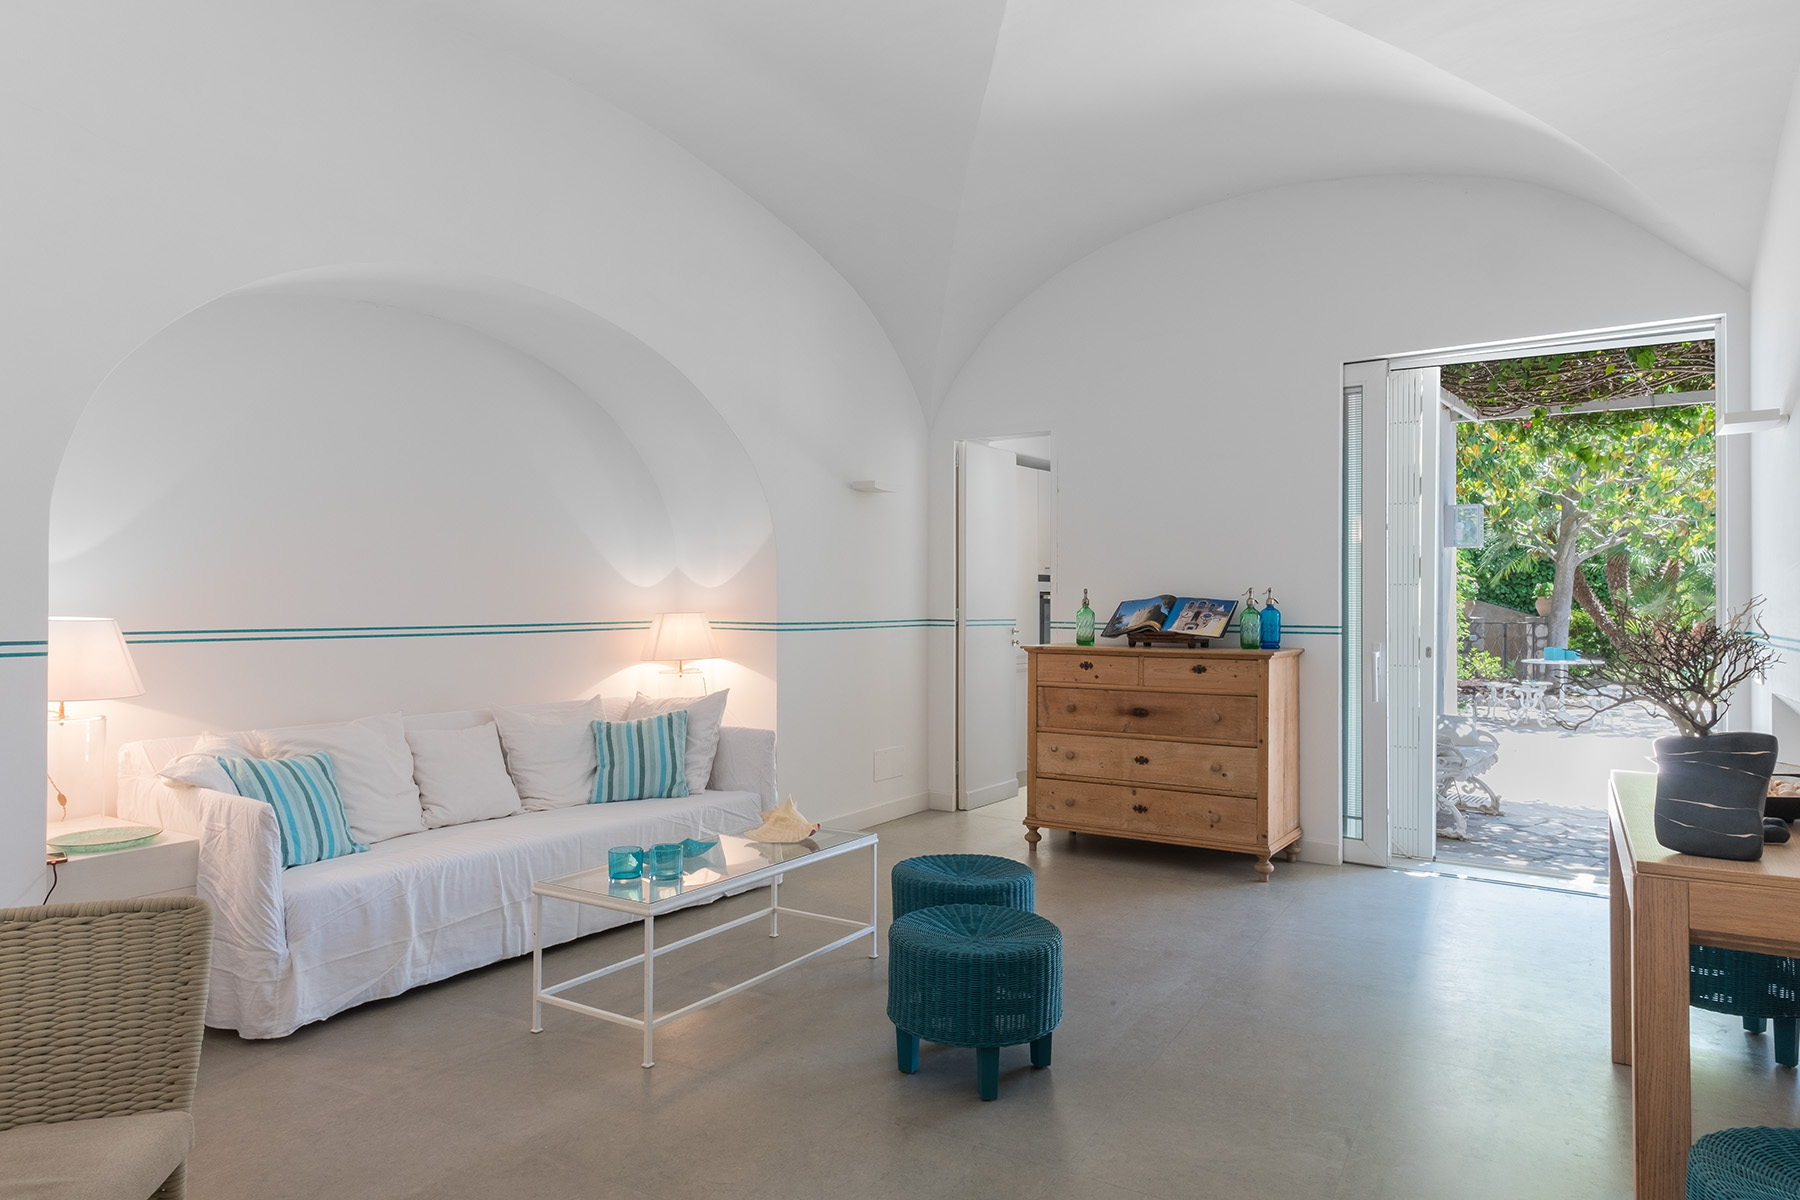 Appartamento in Vendita a Capri: 4 locali, 100 mq - Foto 8